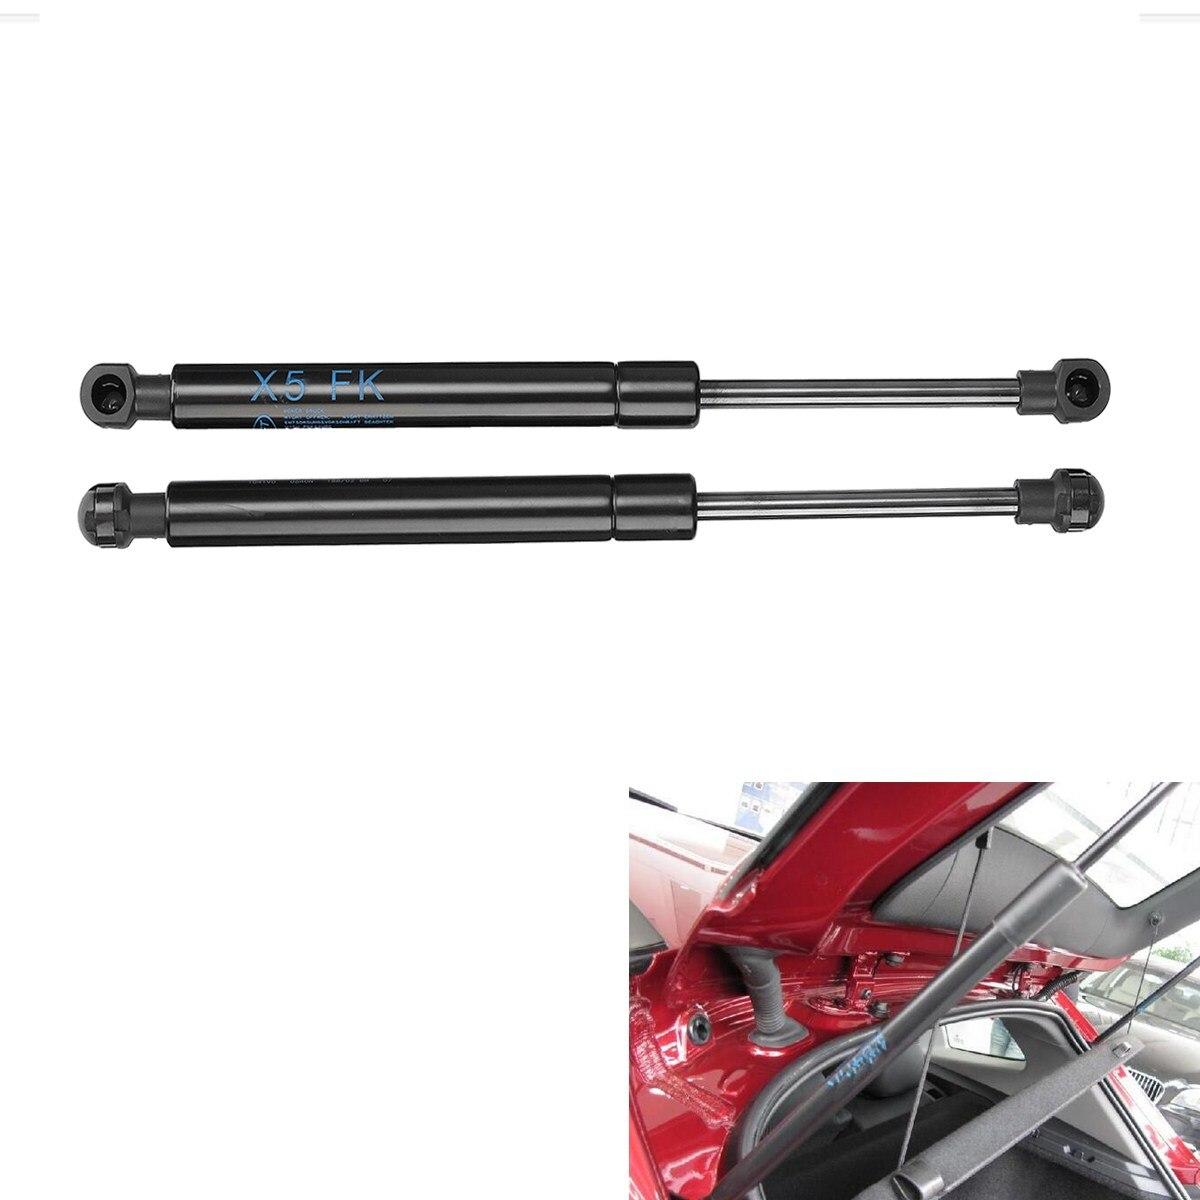 2 pièces supports de levage de capot ressorts de choc tige d'appui pour BMW X5 E53 2000-2006